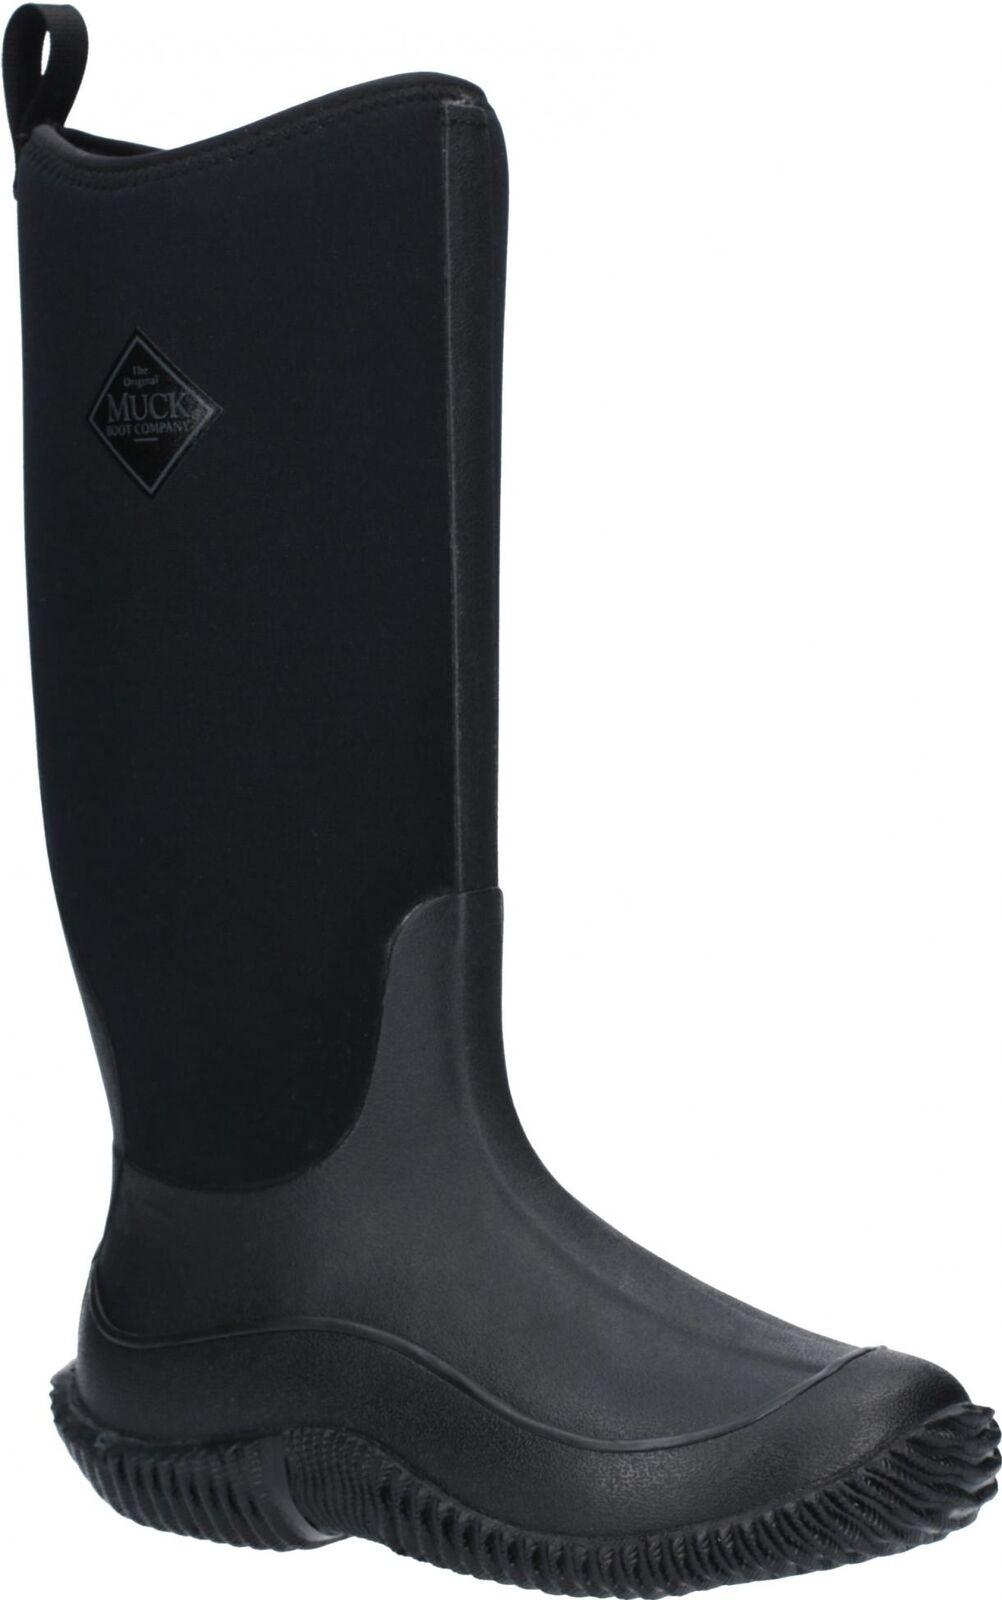 Muck botas Hale Señoras Para Mujer Neopreno Negro Goma Alto Wellington botas De Lluvia Negro Neopreno 73bd37